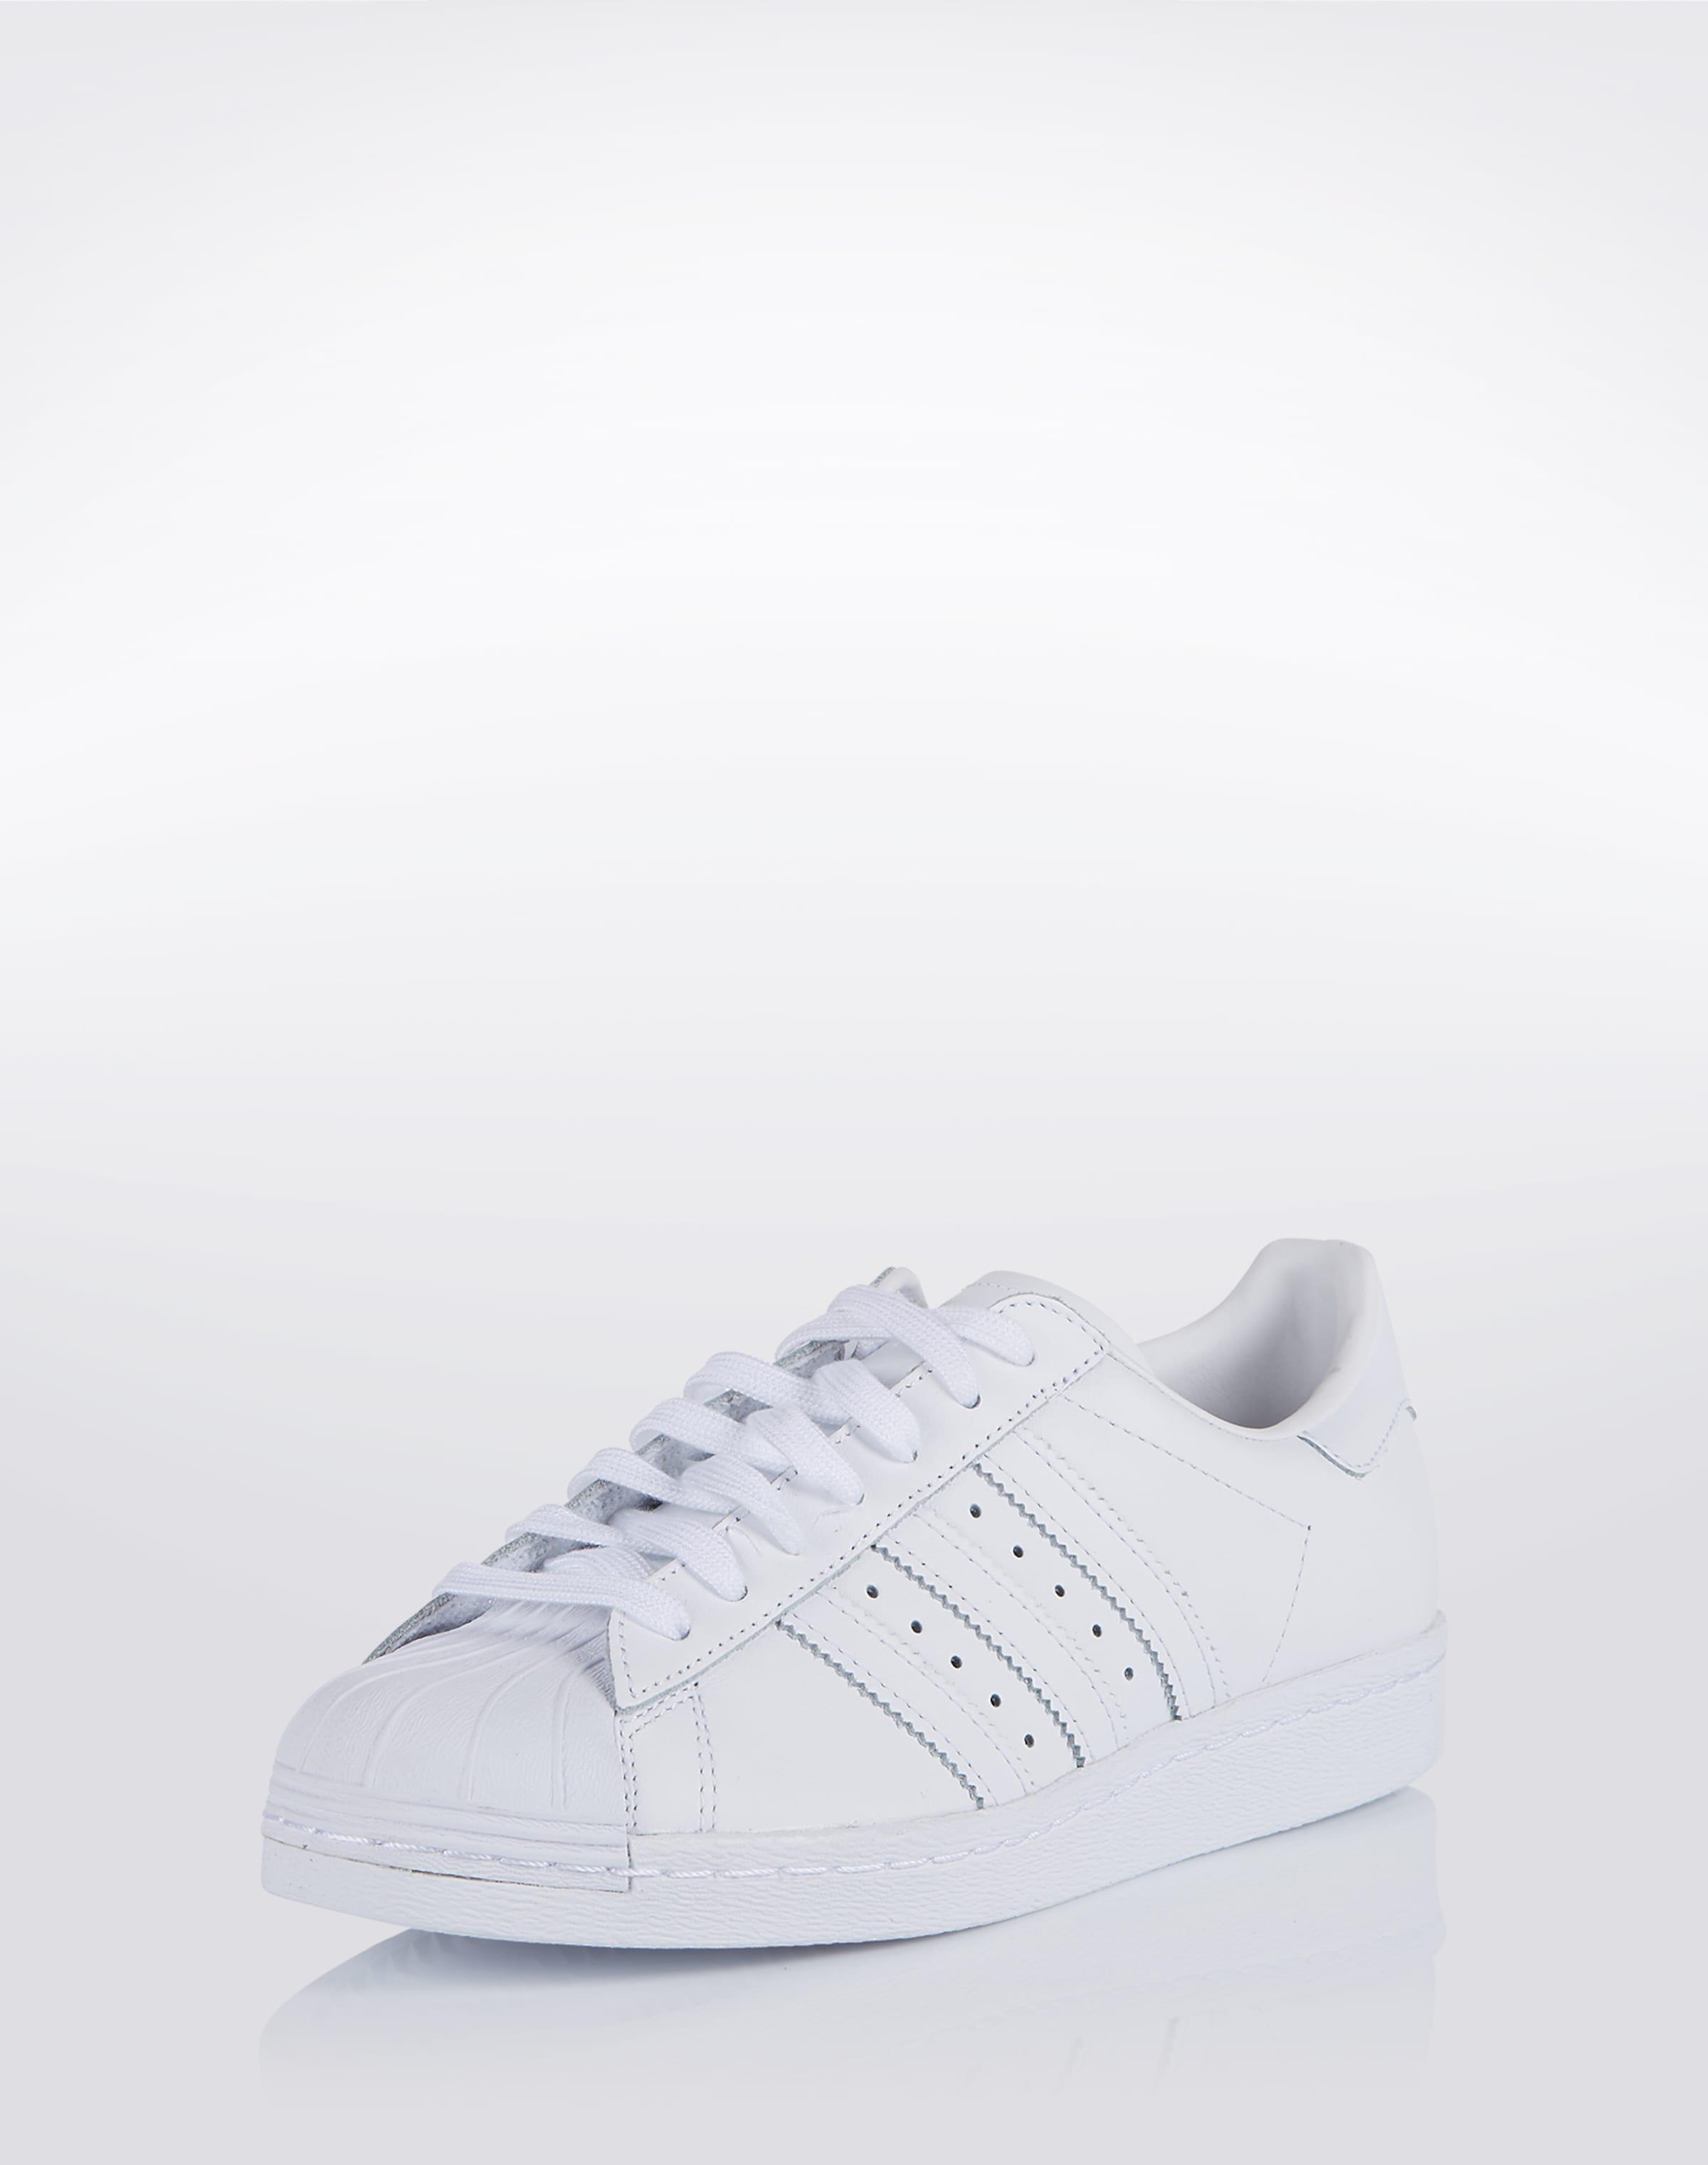 ADIDAS ORIGINALS Low Sneaker  SUPERSTAR 80s